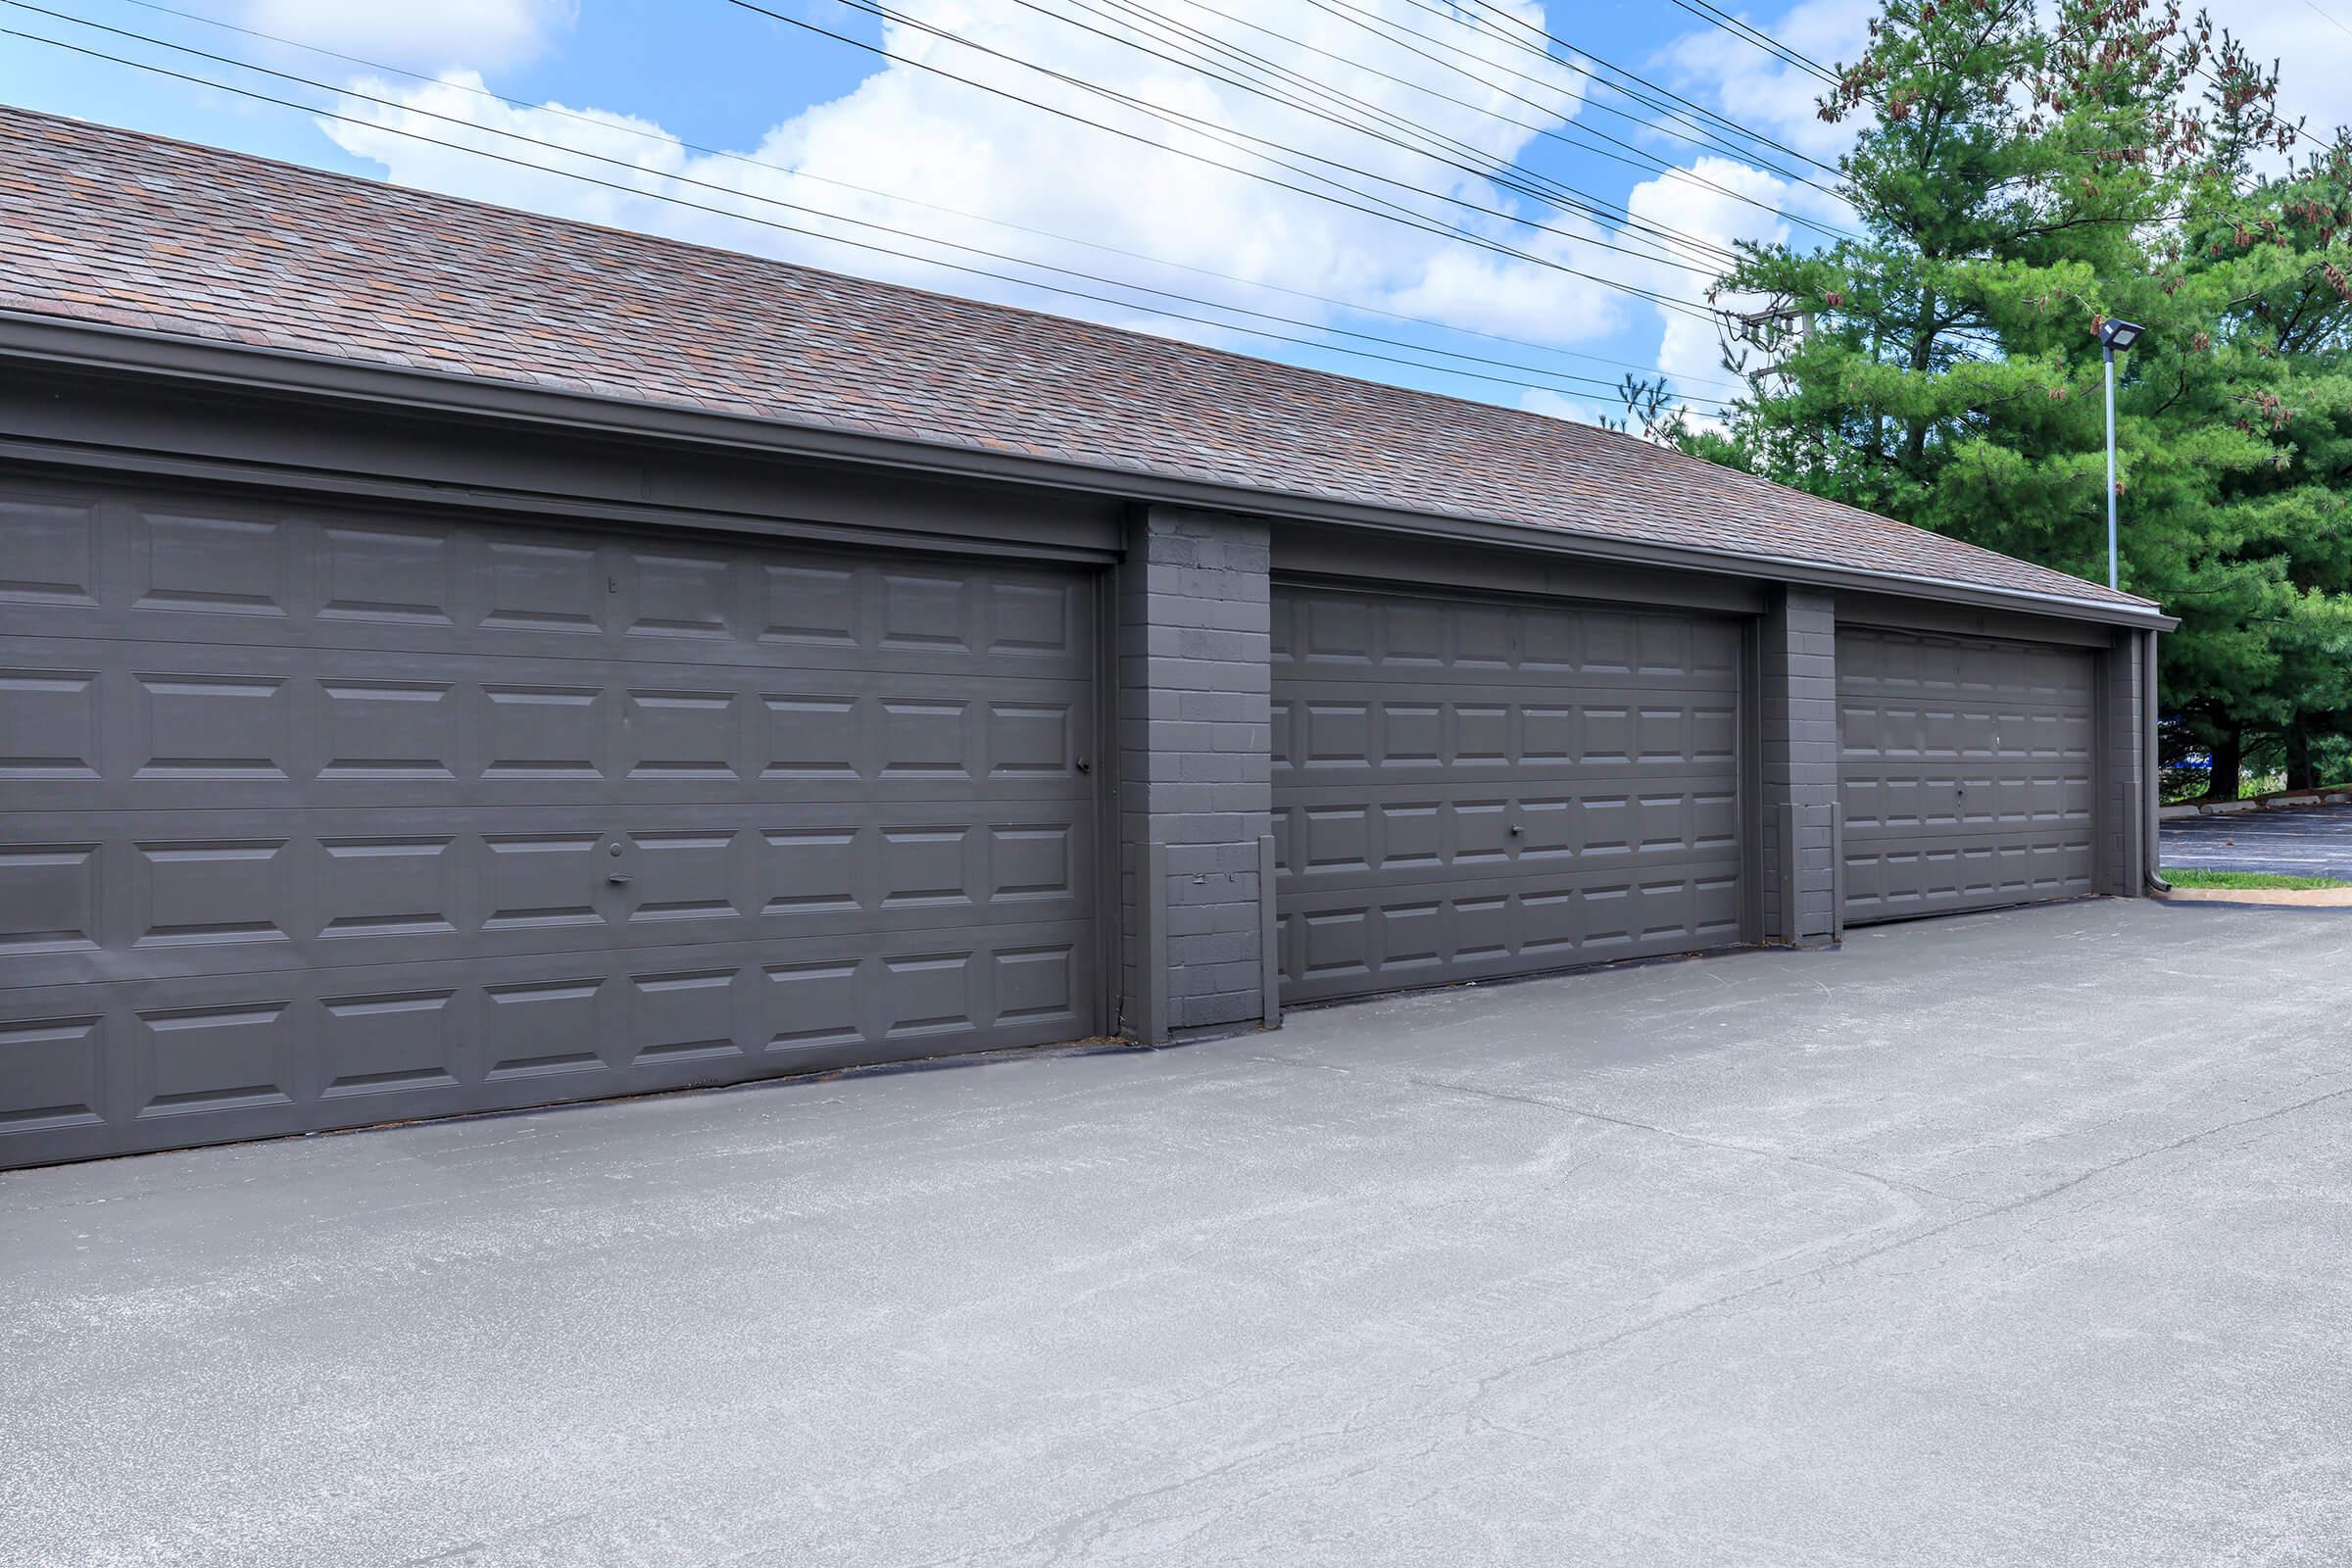 Parking Garages for Rent